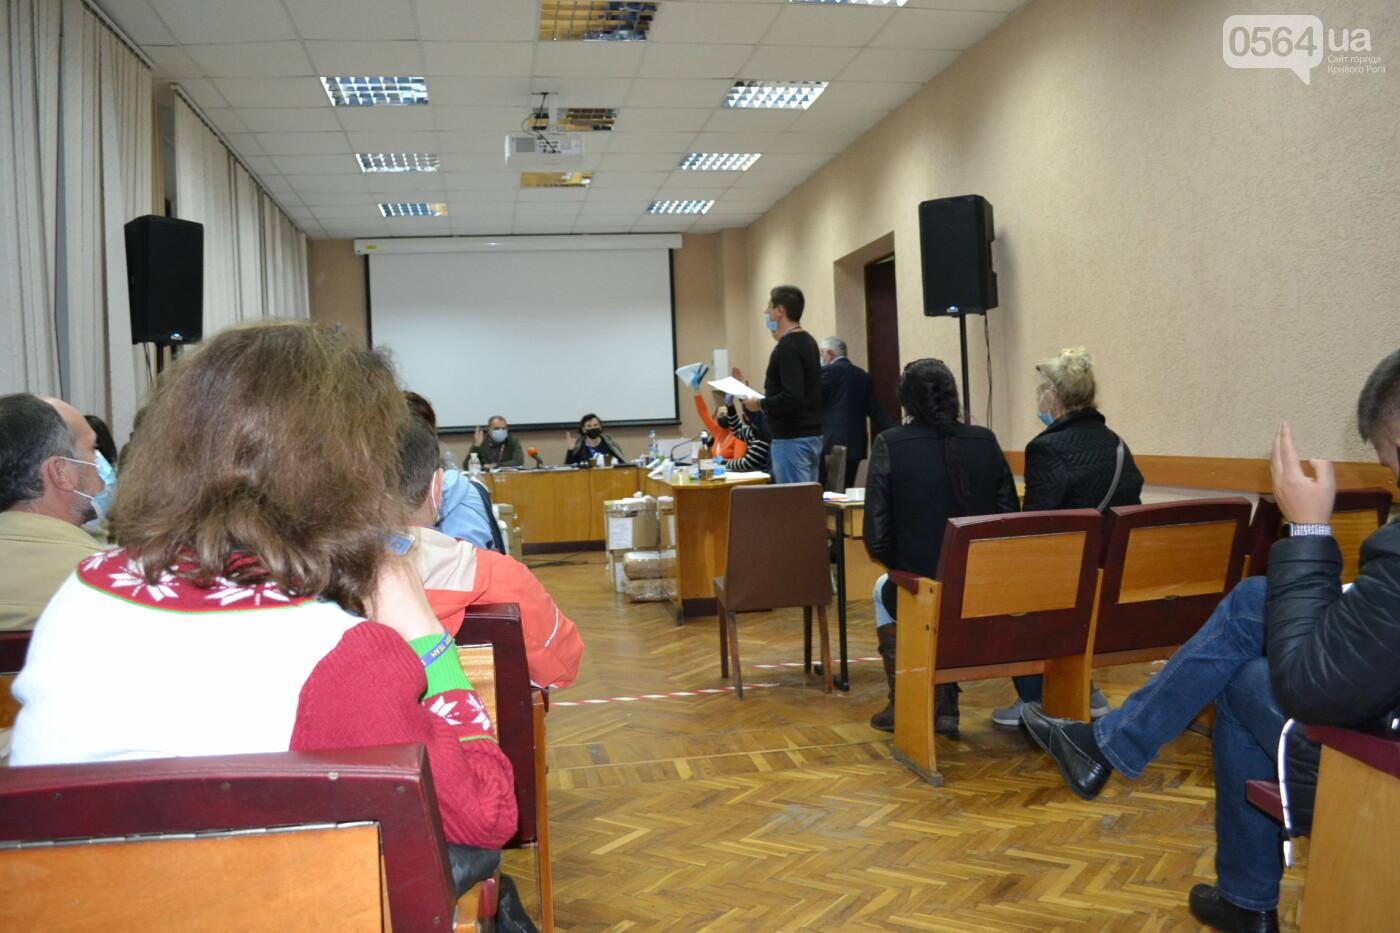 Криворожская ГИК приняла более 72% протоколов по выборам депутатов облсовета, - ФОТО, фото-5